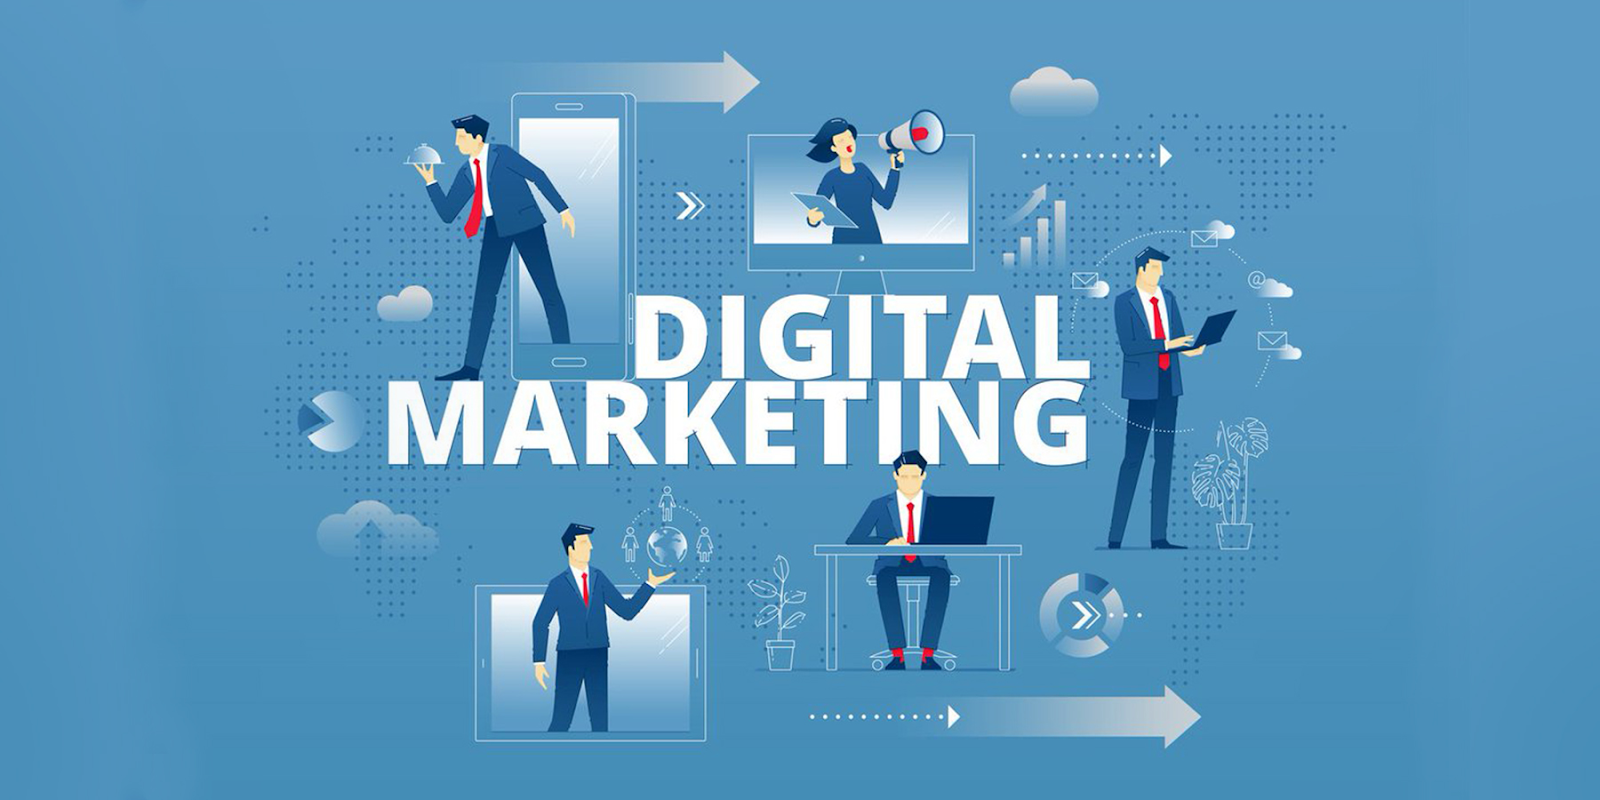 Trong và sau đại dịch, digital marketing có lẽ sẽ càng phát triển